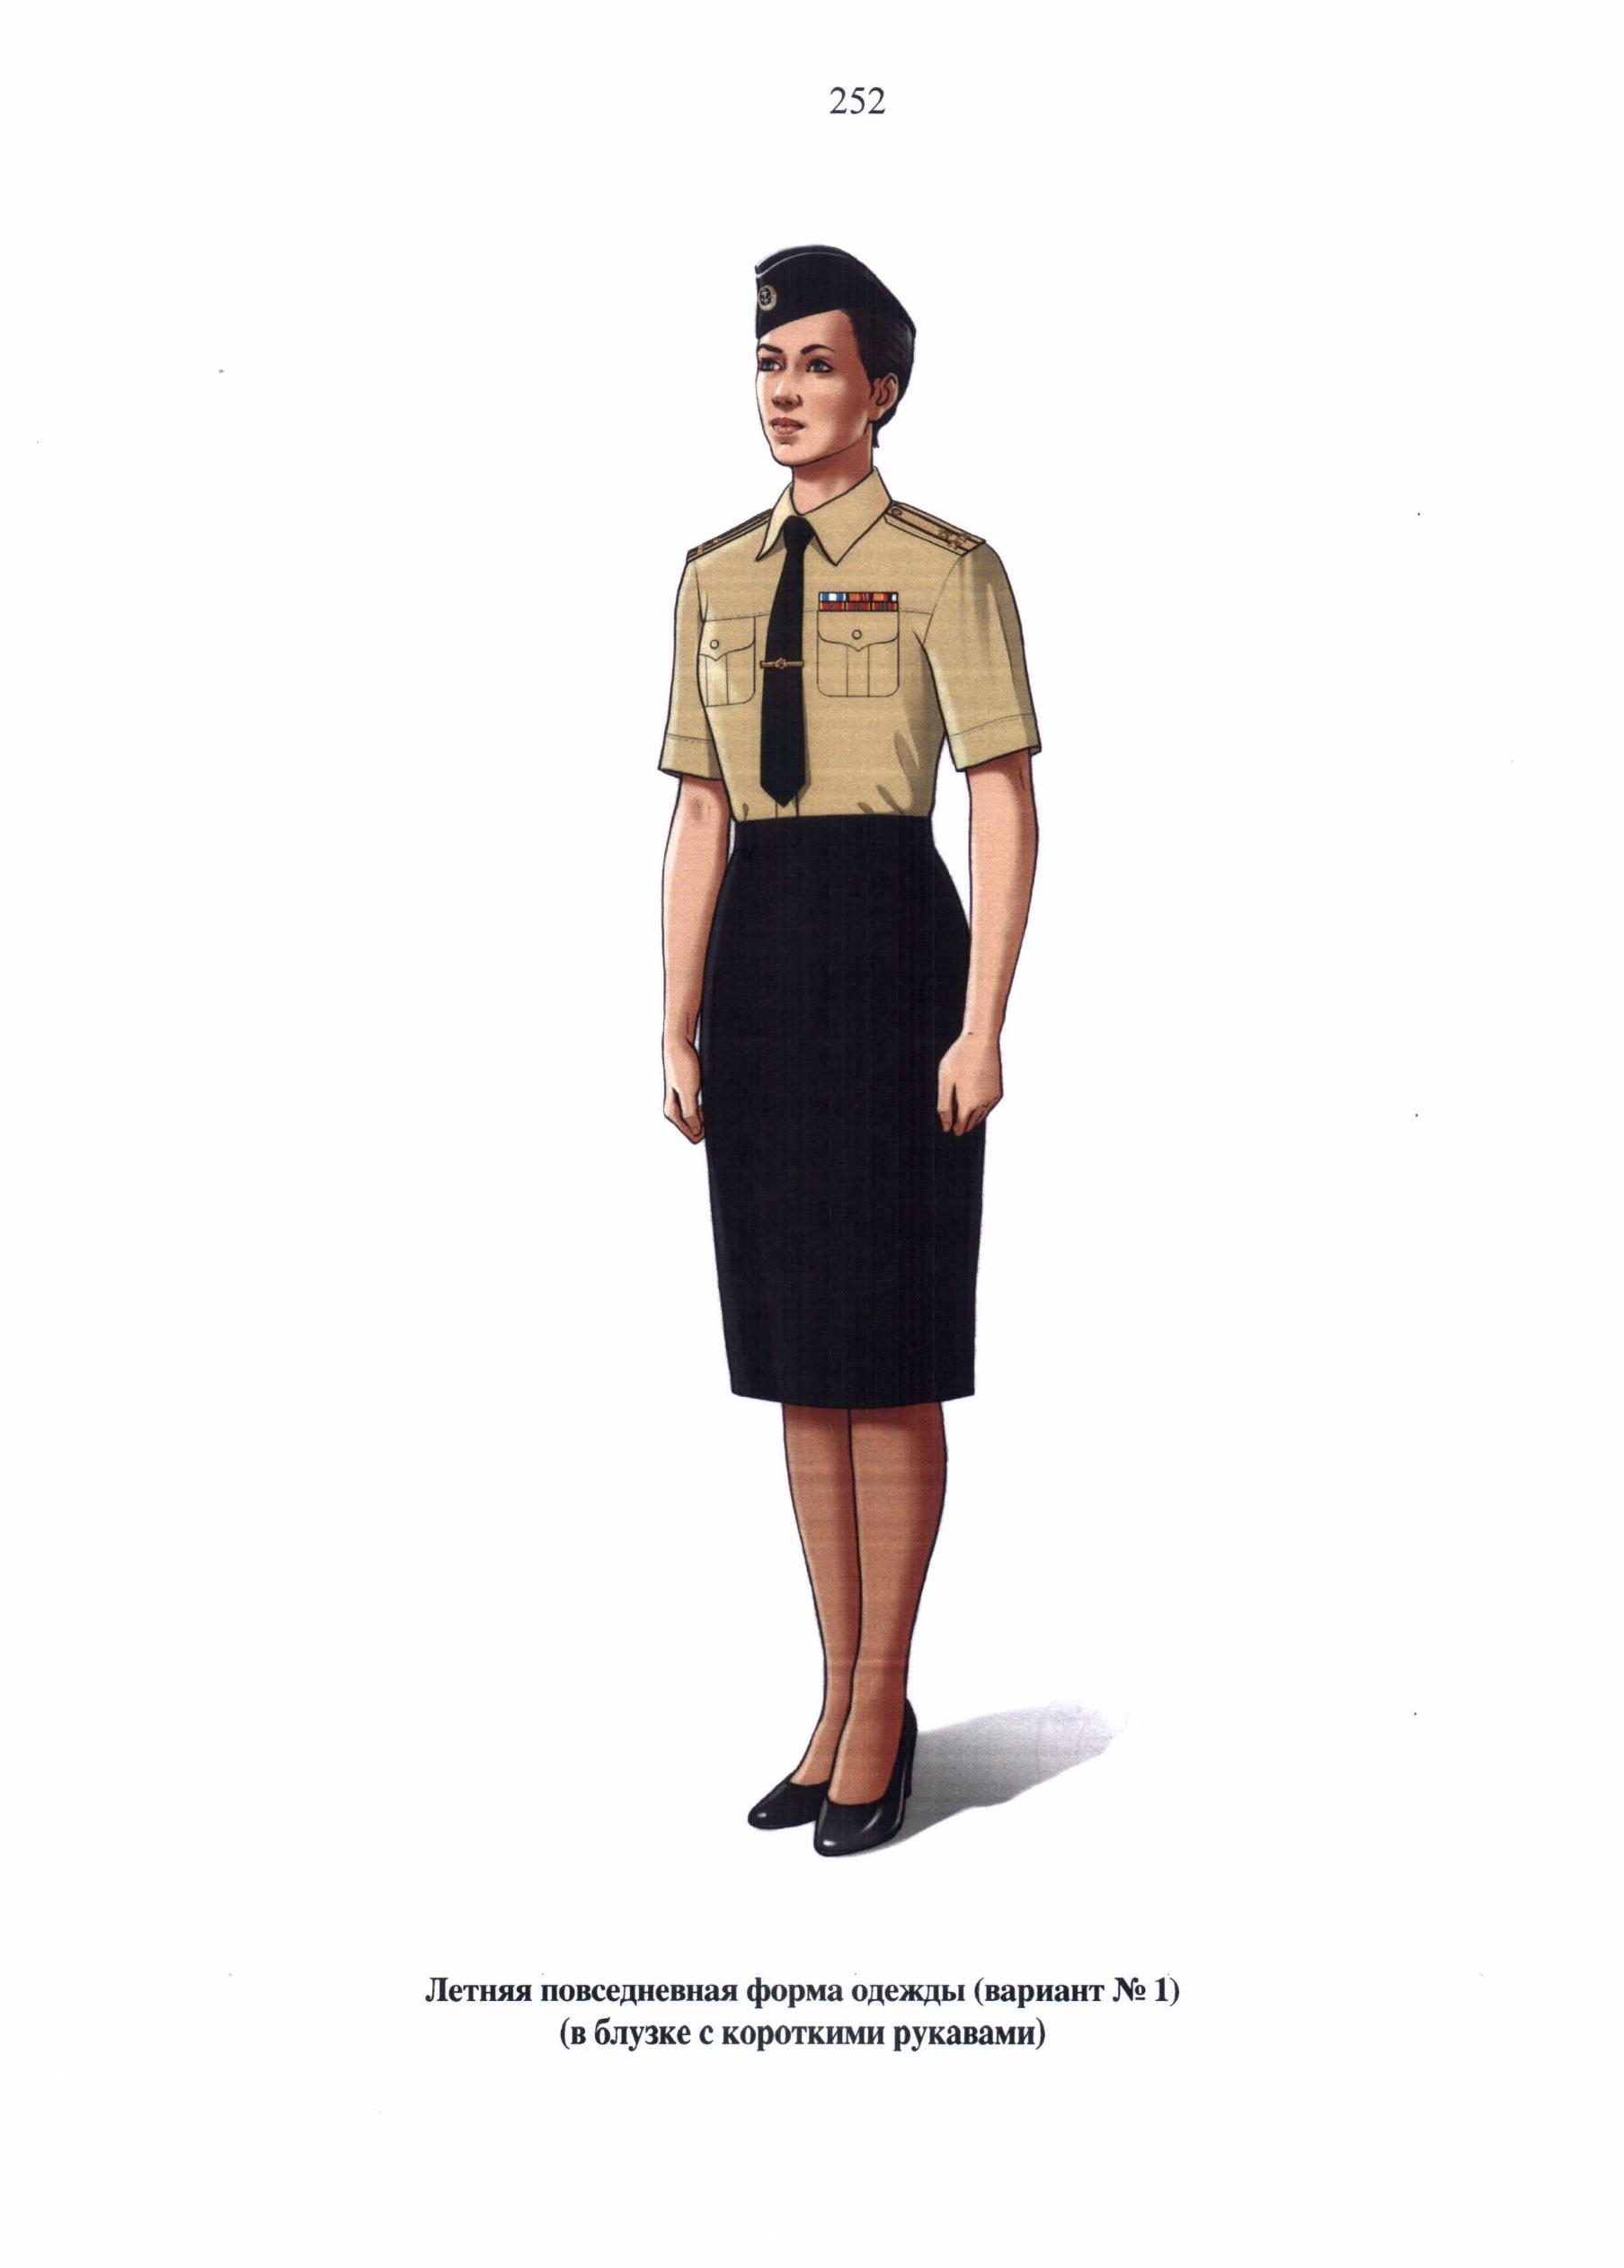 C:\Users\User\Desktop\Приказ МО РФ от 22.06.2015 г. № 300 Правила ношения военной формы одежды\183822.JPG